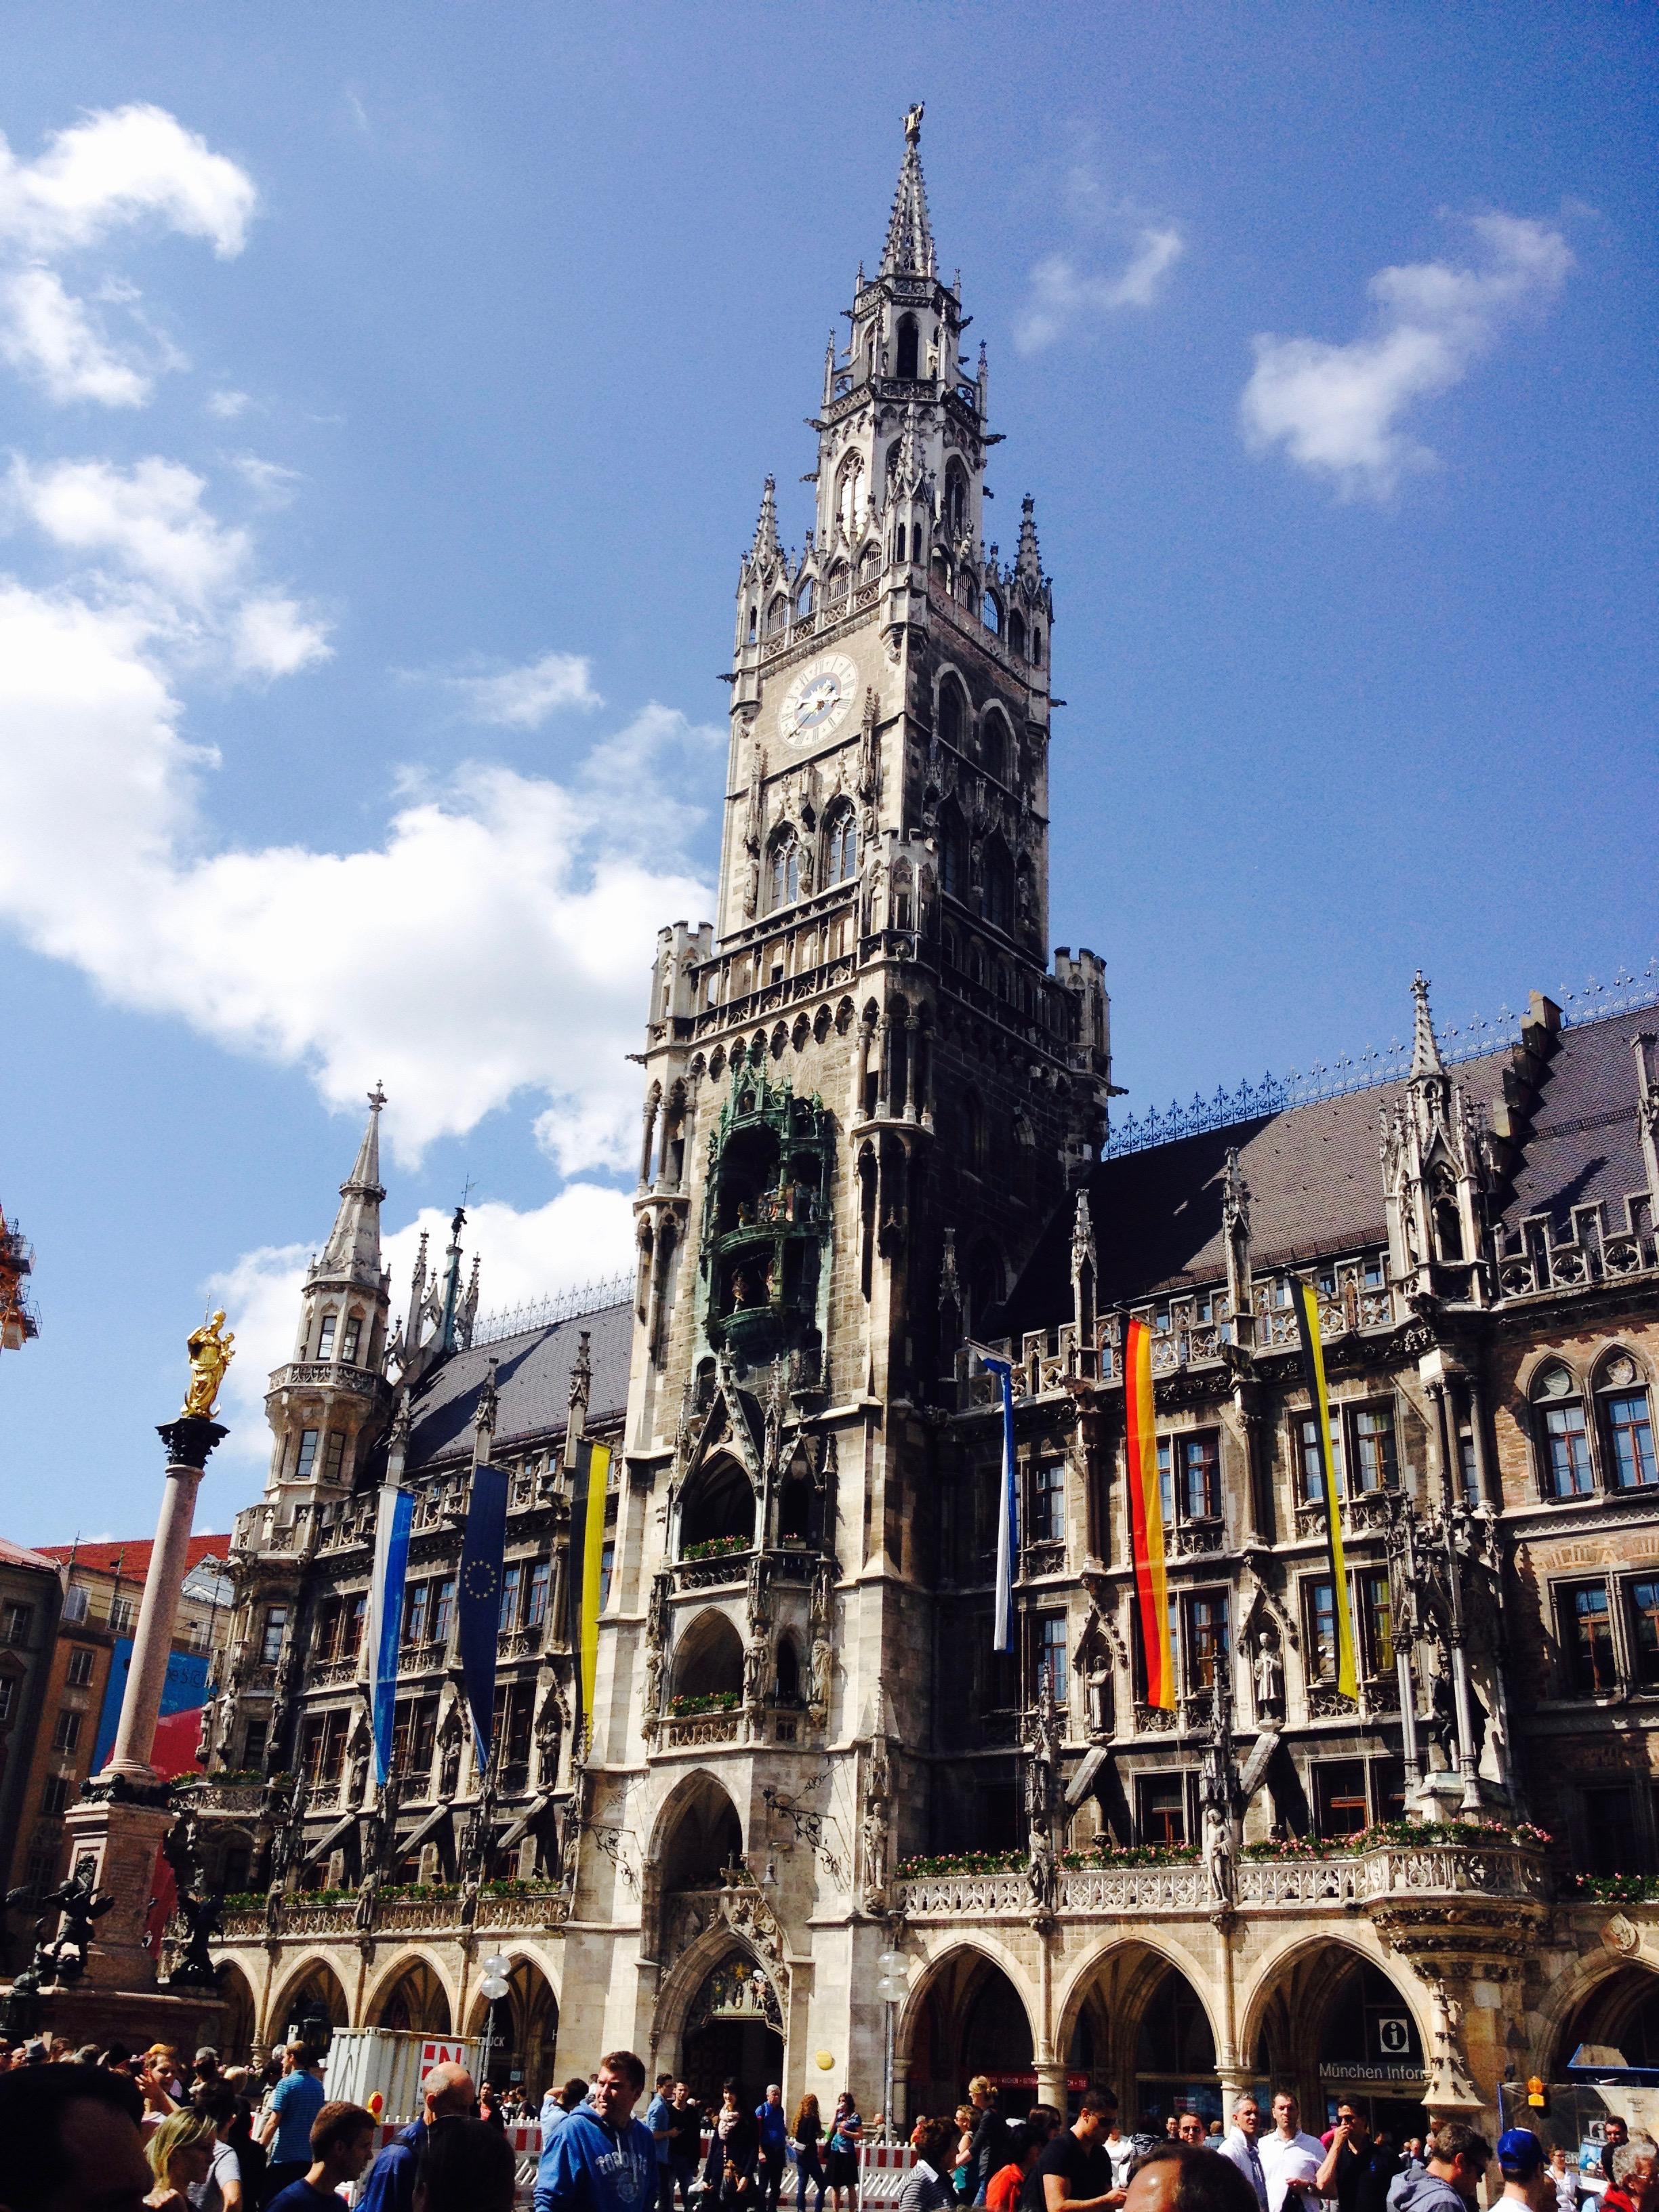 Layover in Munich